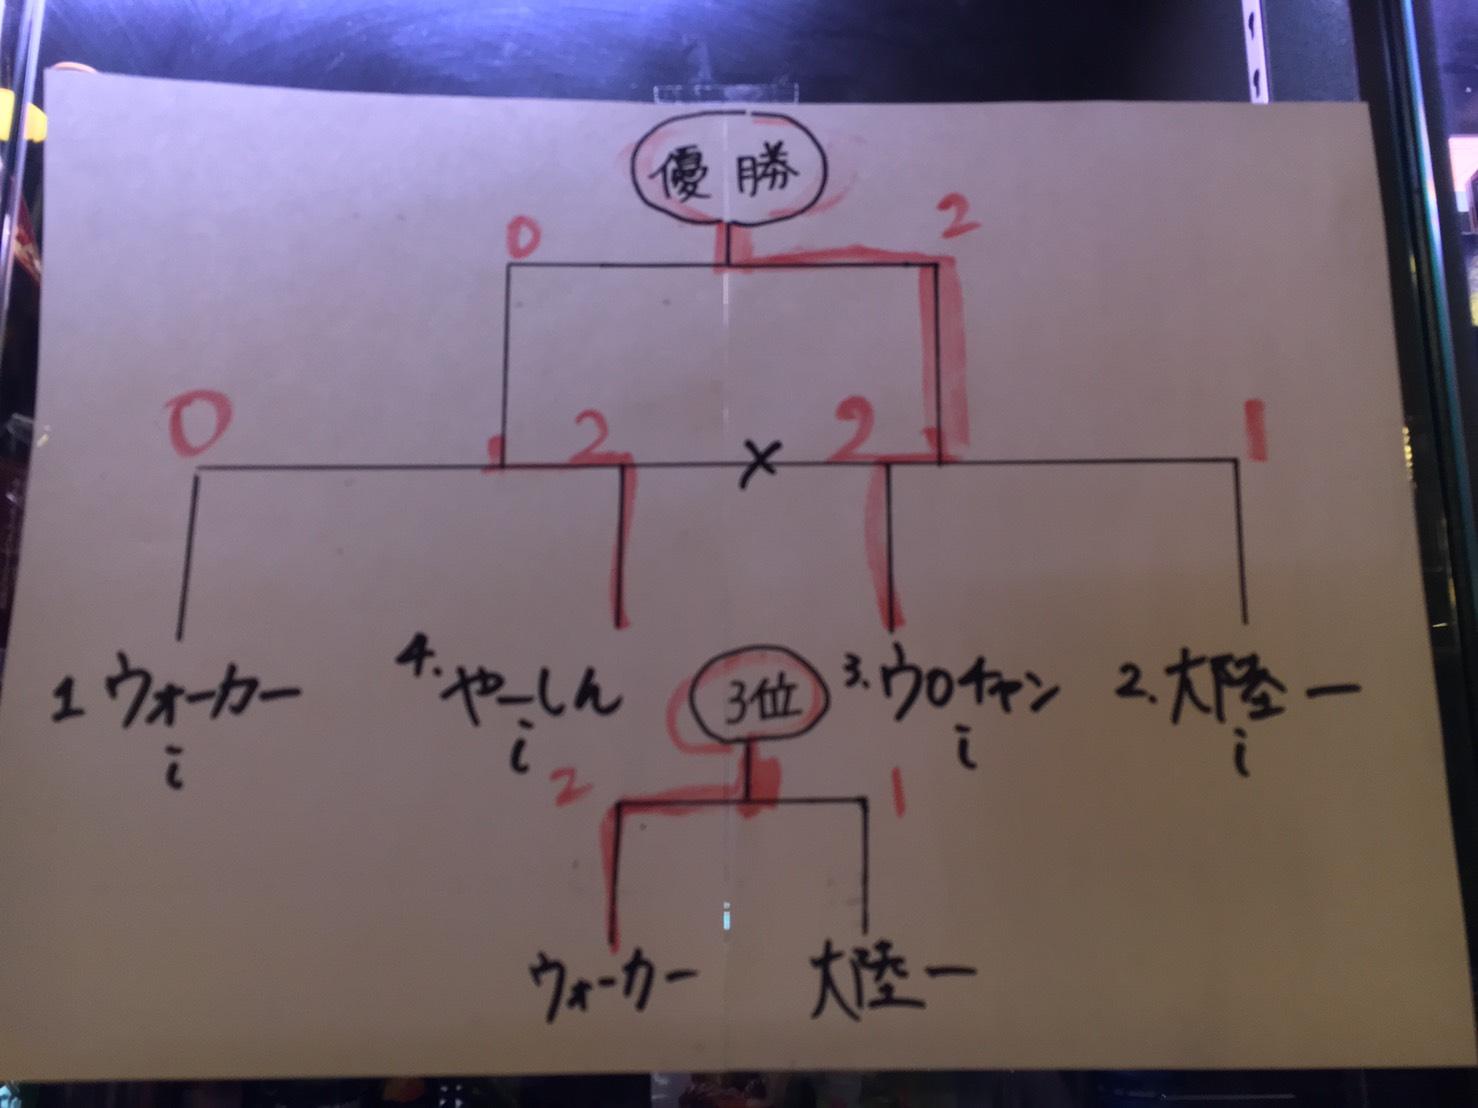 【シャドバ】1/11 シャドバの日結果